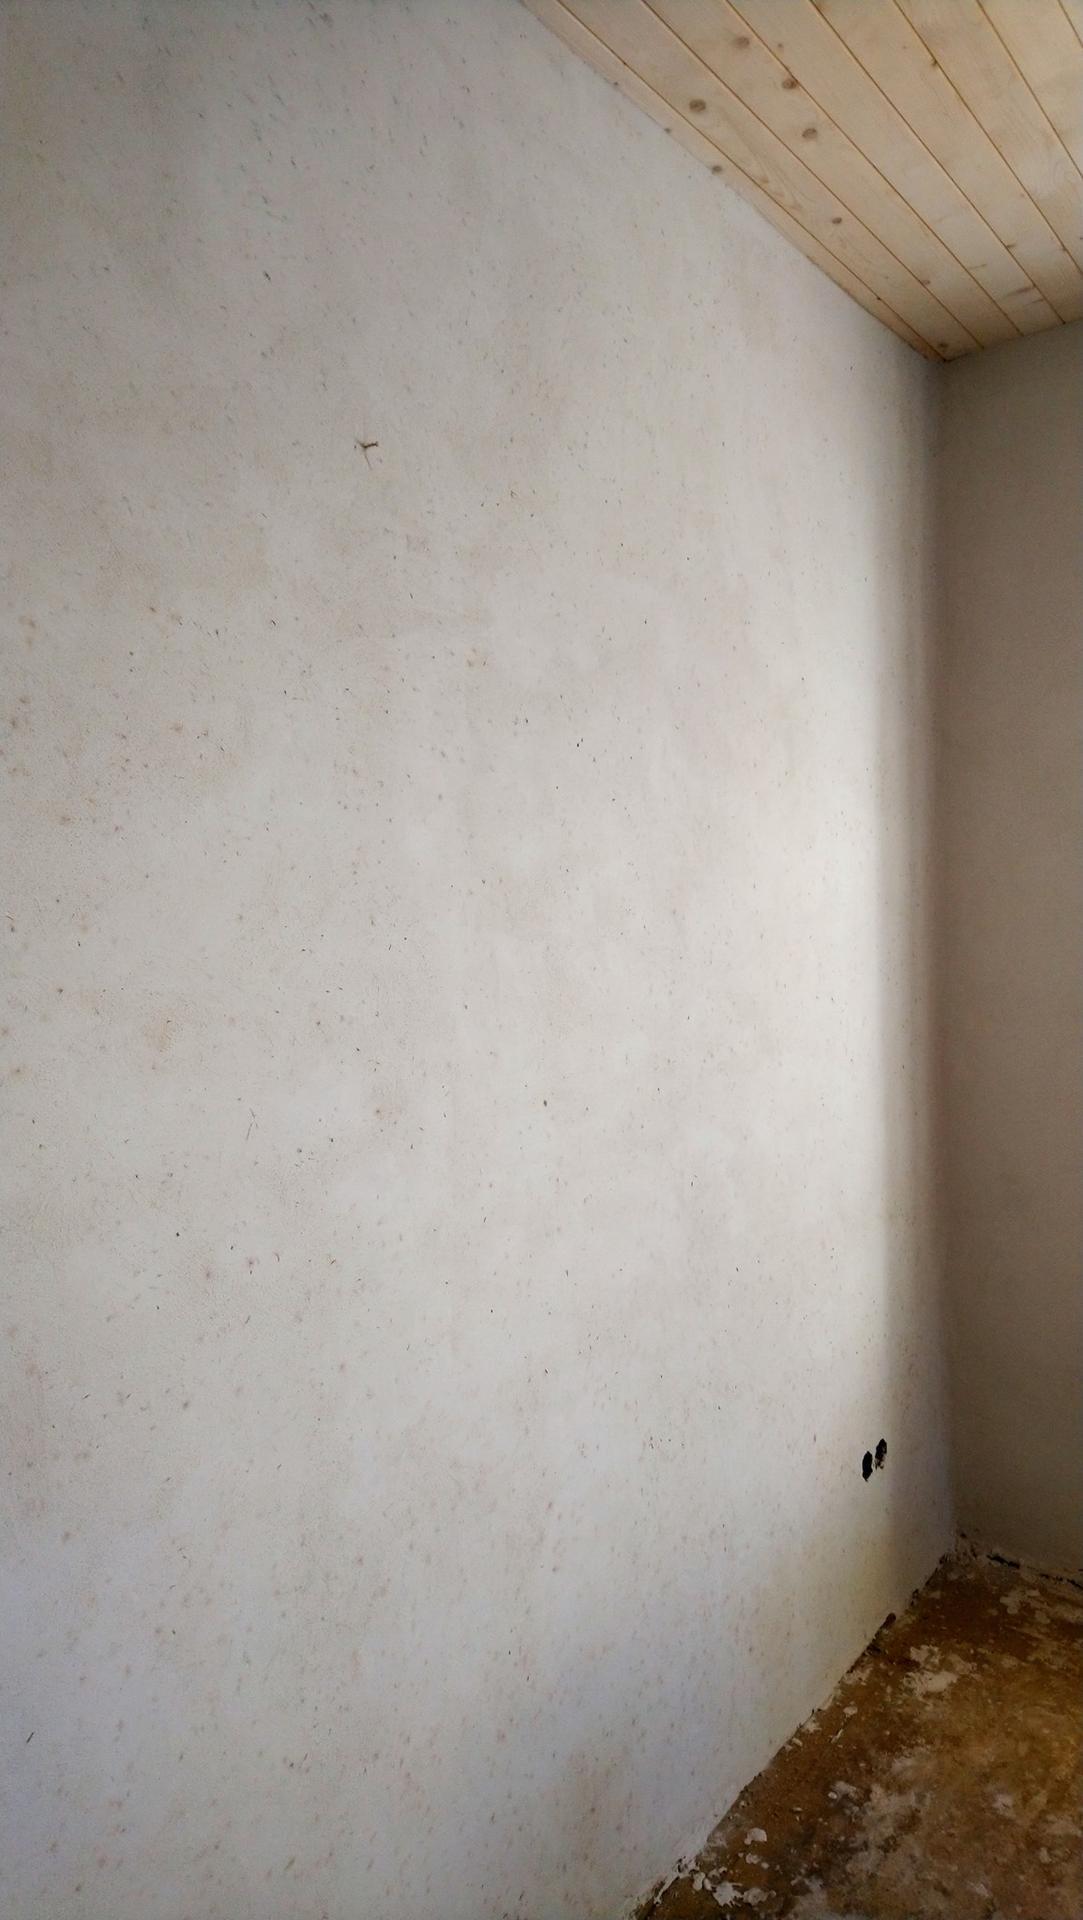 Hlinené omietky - Obyčajná biela stena. Ale pri pohlade zblízka vidno kvety modrej a rúžovej nevädze primiešané do omietky